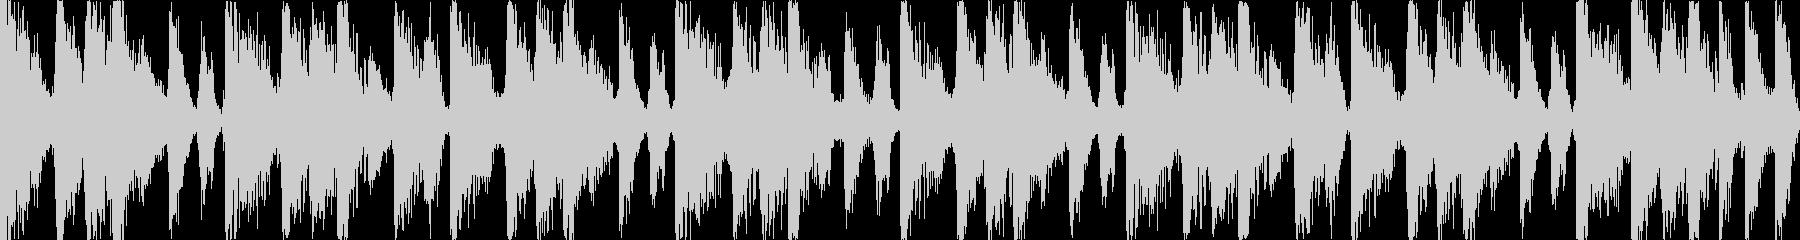 【ループC】ファンキーなブレイクビーツの未再生の波形